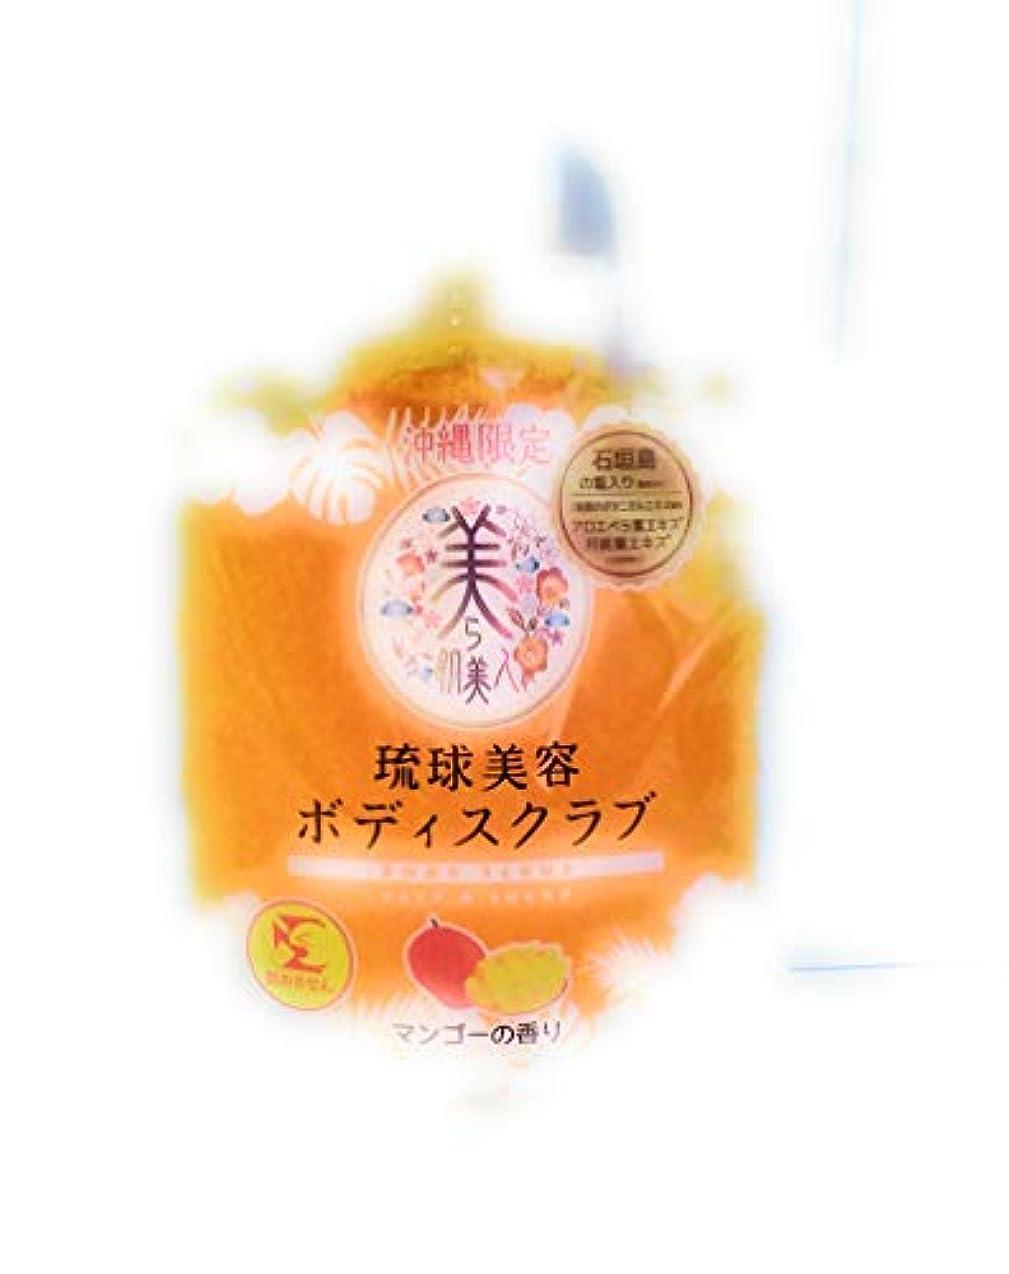 欠員恐怖症耐える沖縄限定 美ら肌美人 琉球美容ボディスクラブ マンゴーの香り